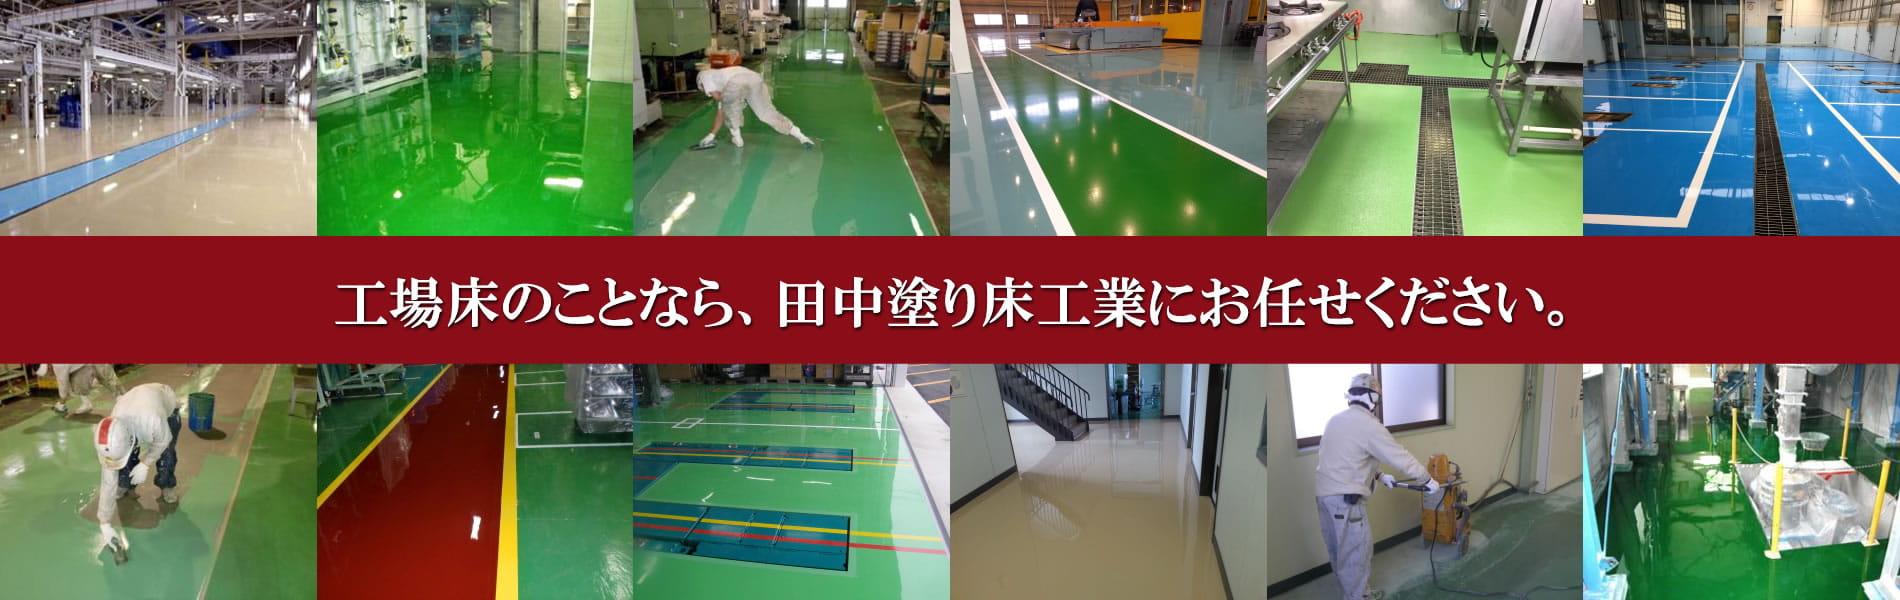 工場床のことなら、田中塗り床工業にお任せください